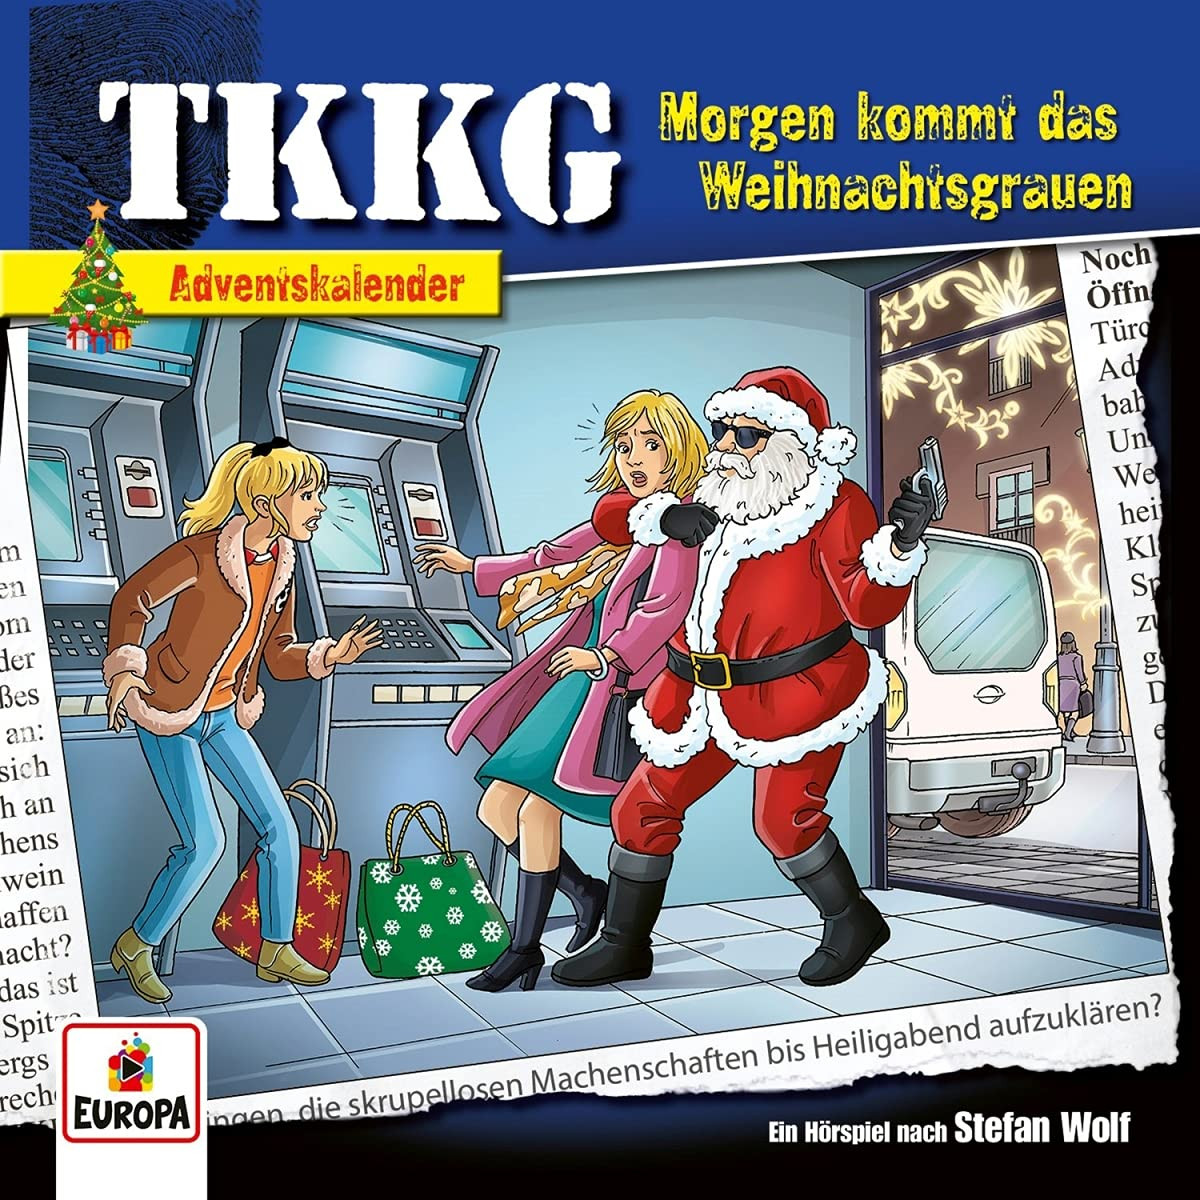 TKKG - Morgen Kommt das Weihnachtsgrauen (Adventskalender)